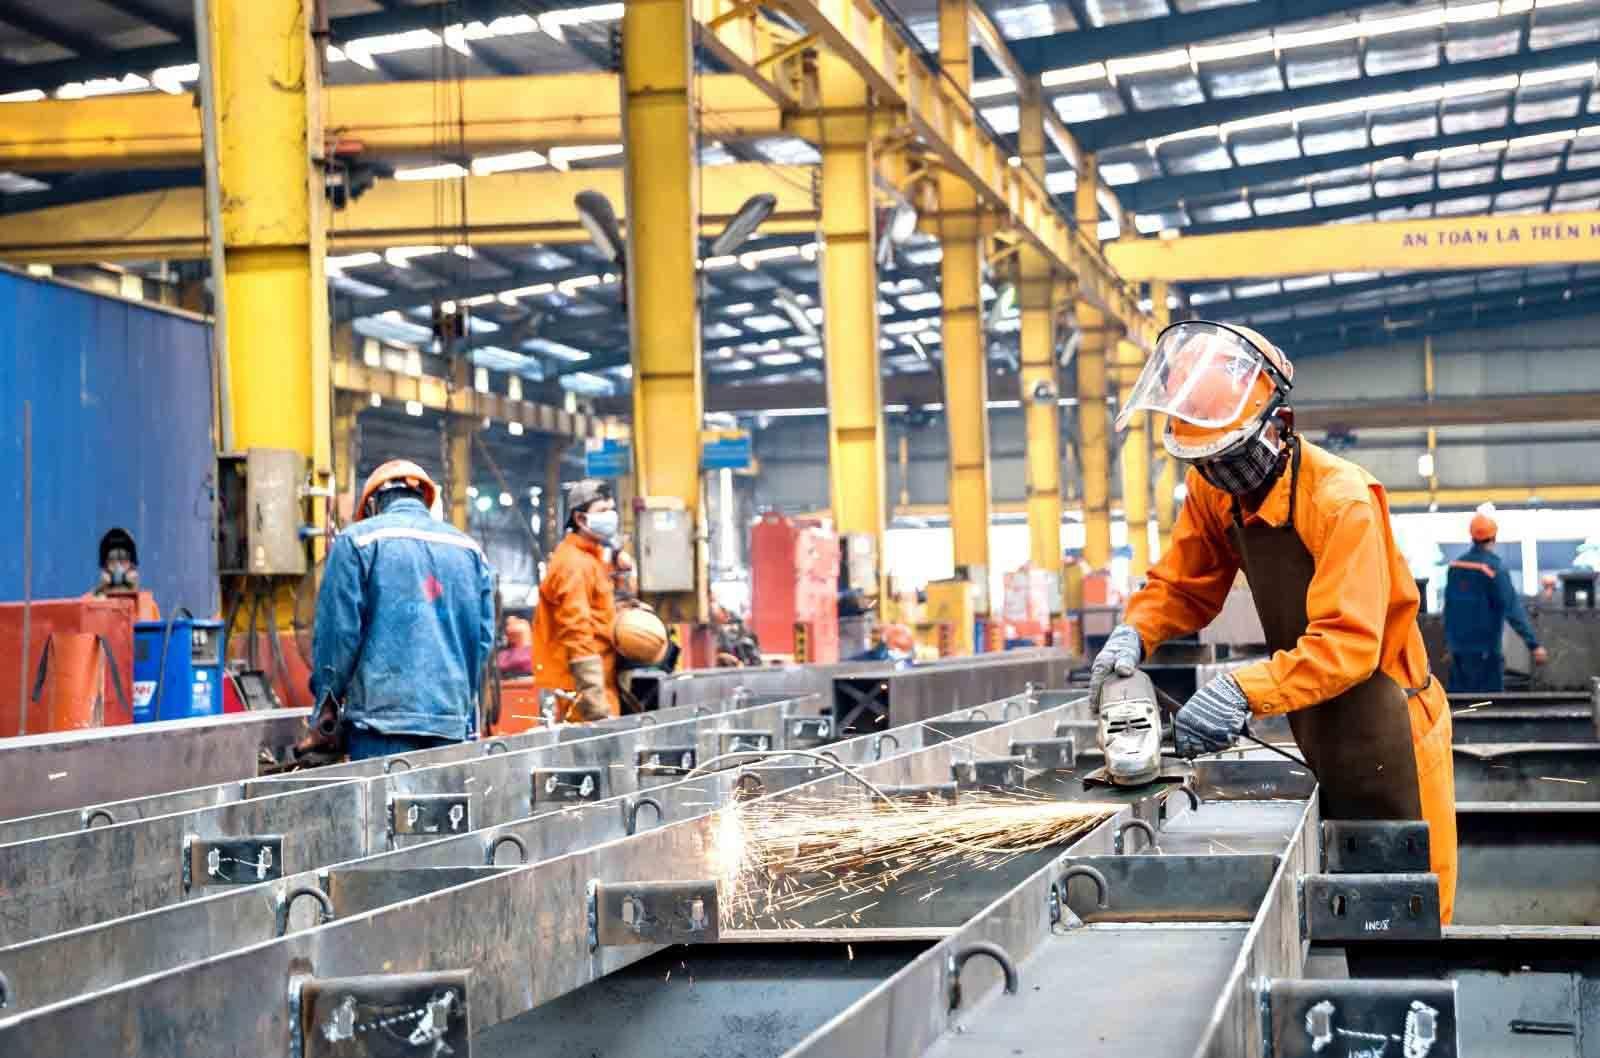 Sản xuất công nghiệp tăng trưởng nhờ '3 tại chỗ'